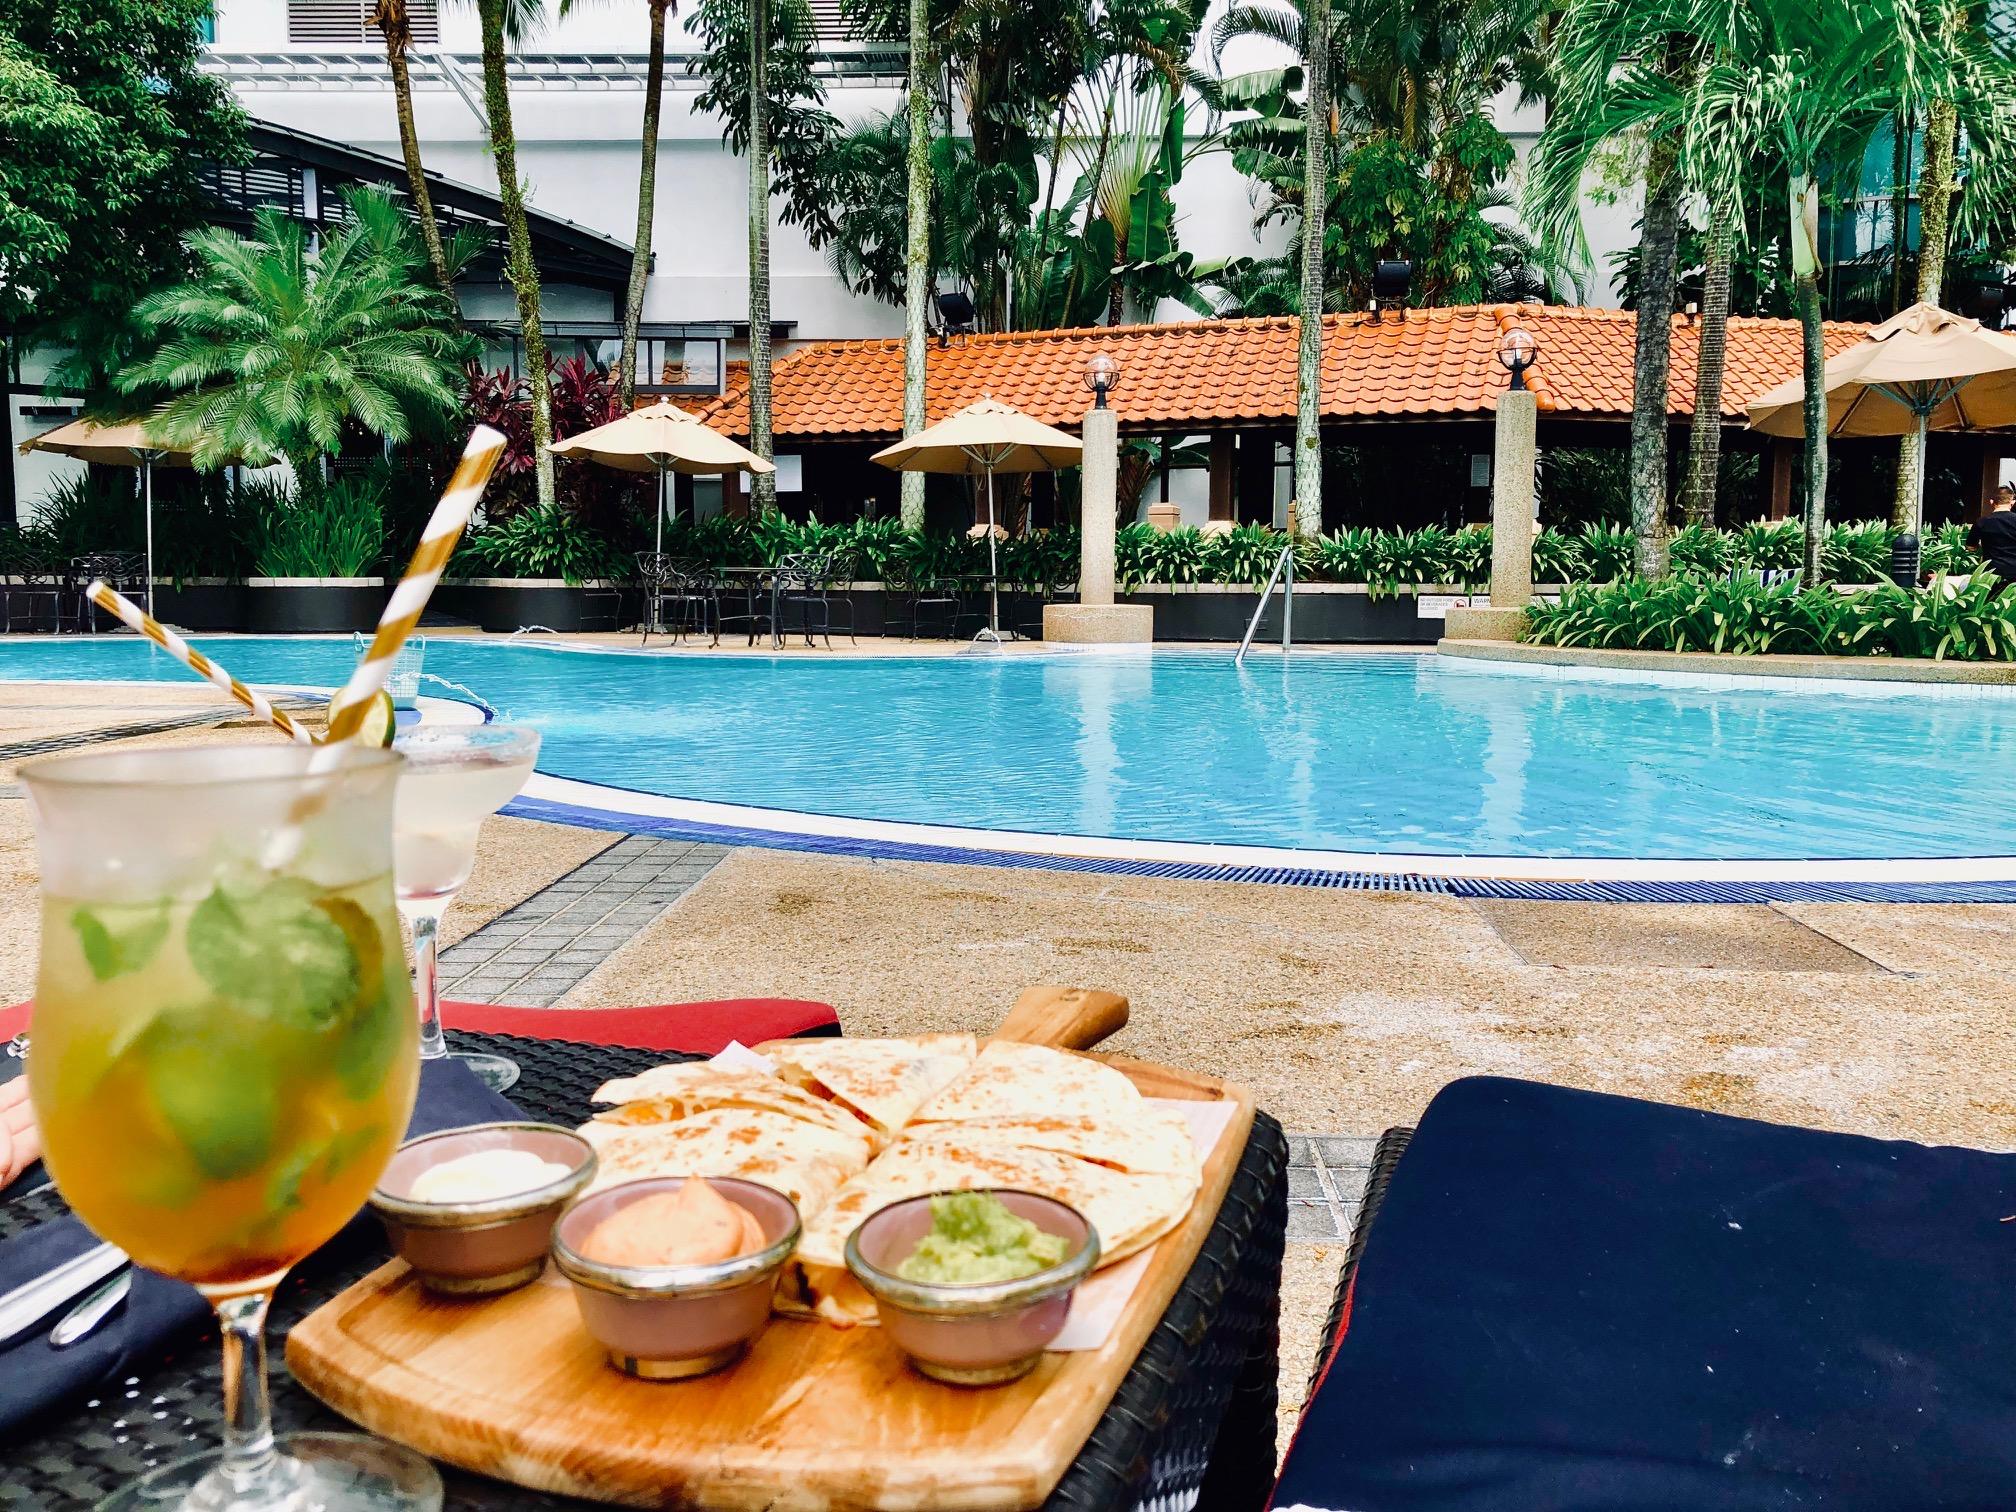 Le Meridien Kuala Lumpur Pool